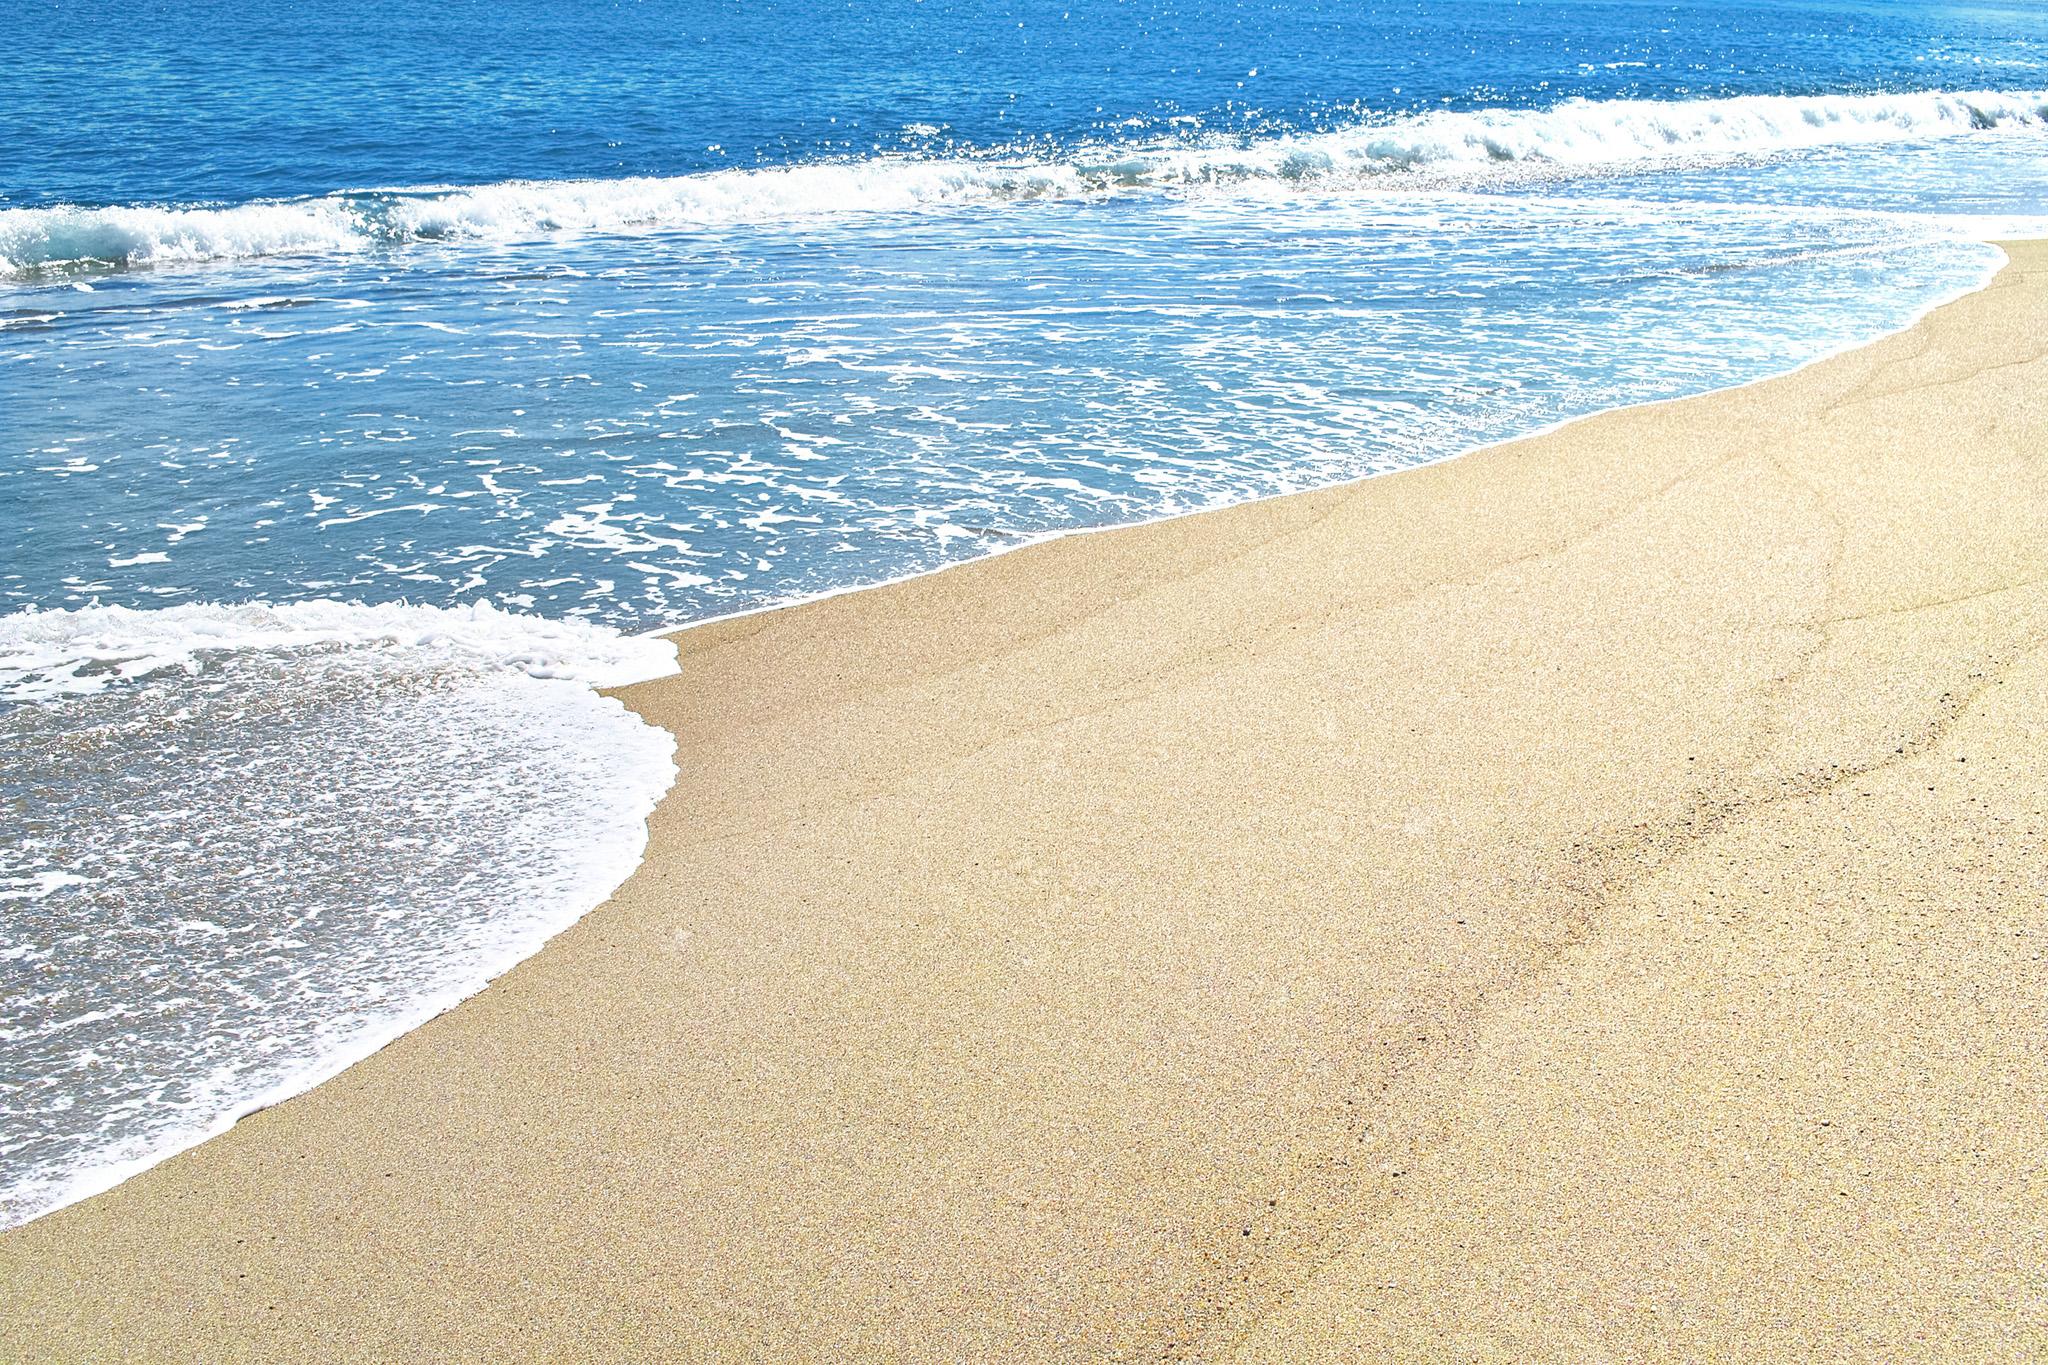 「青い海と綺麗な砂浜」